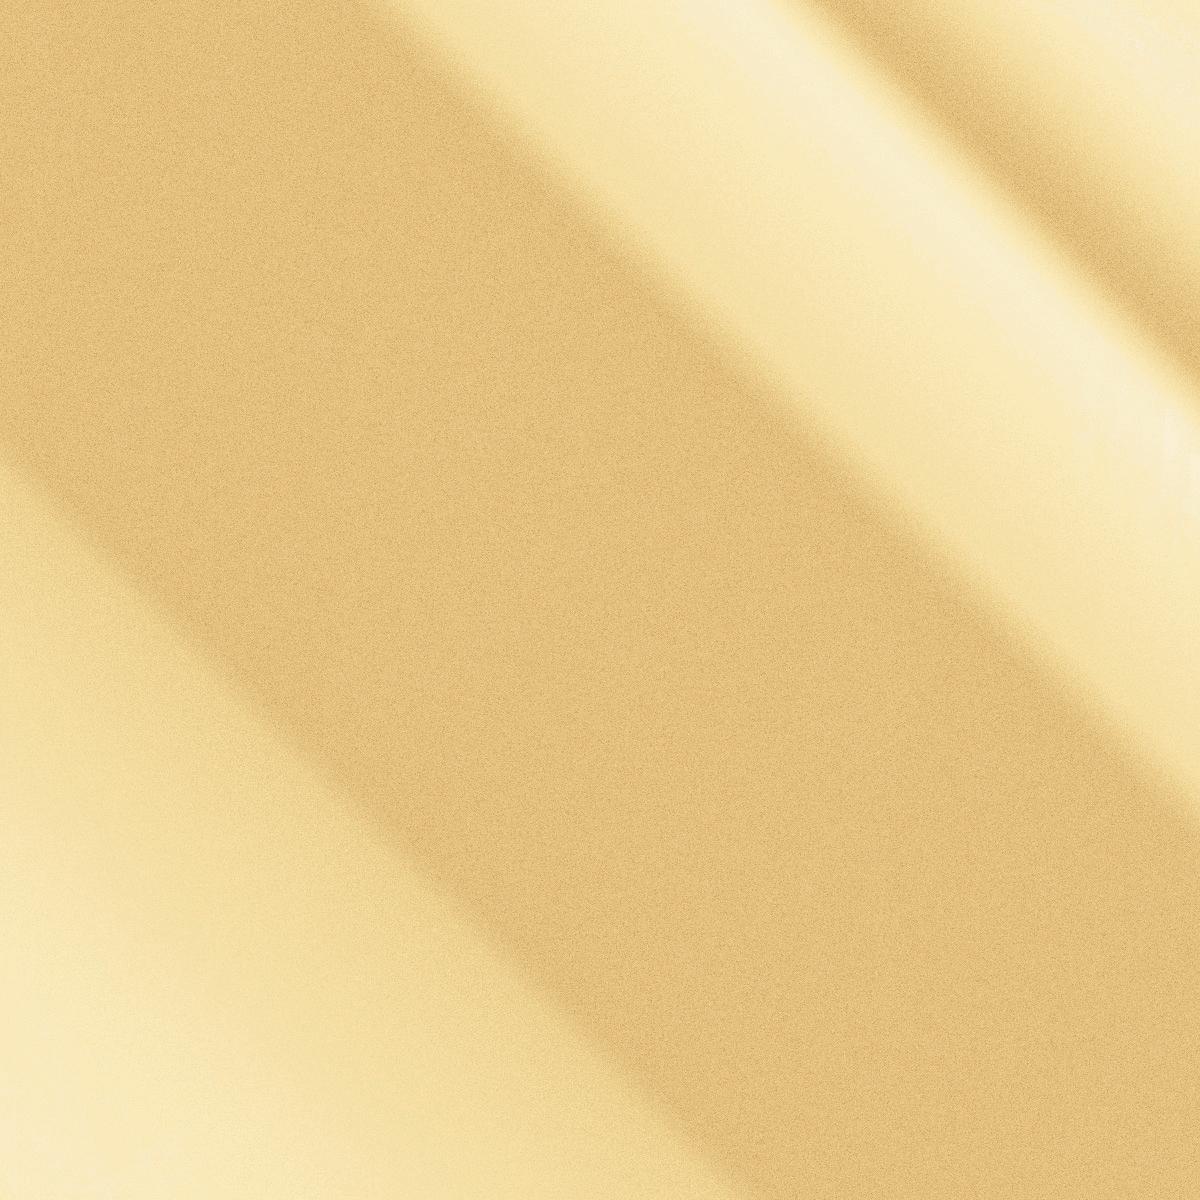 Polished Light Gold Metal